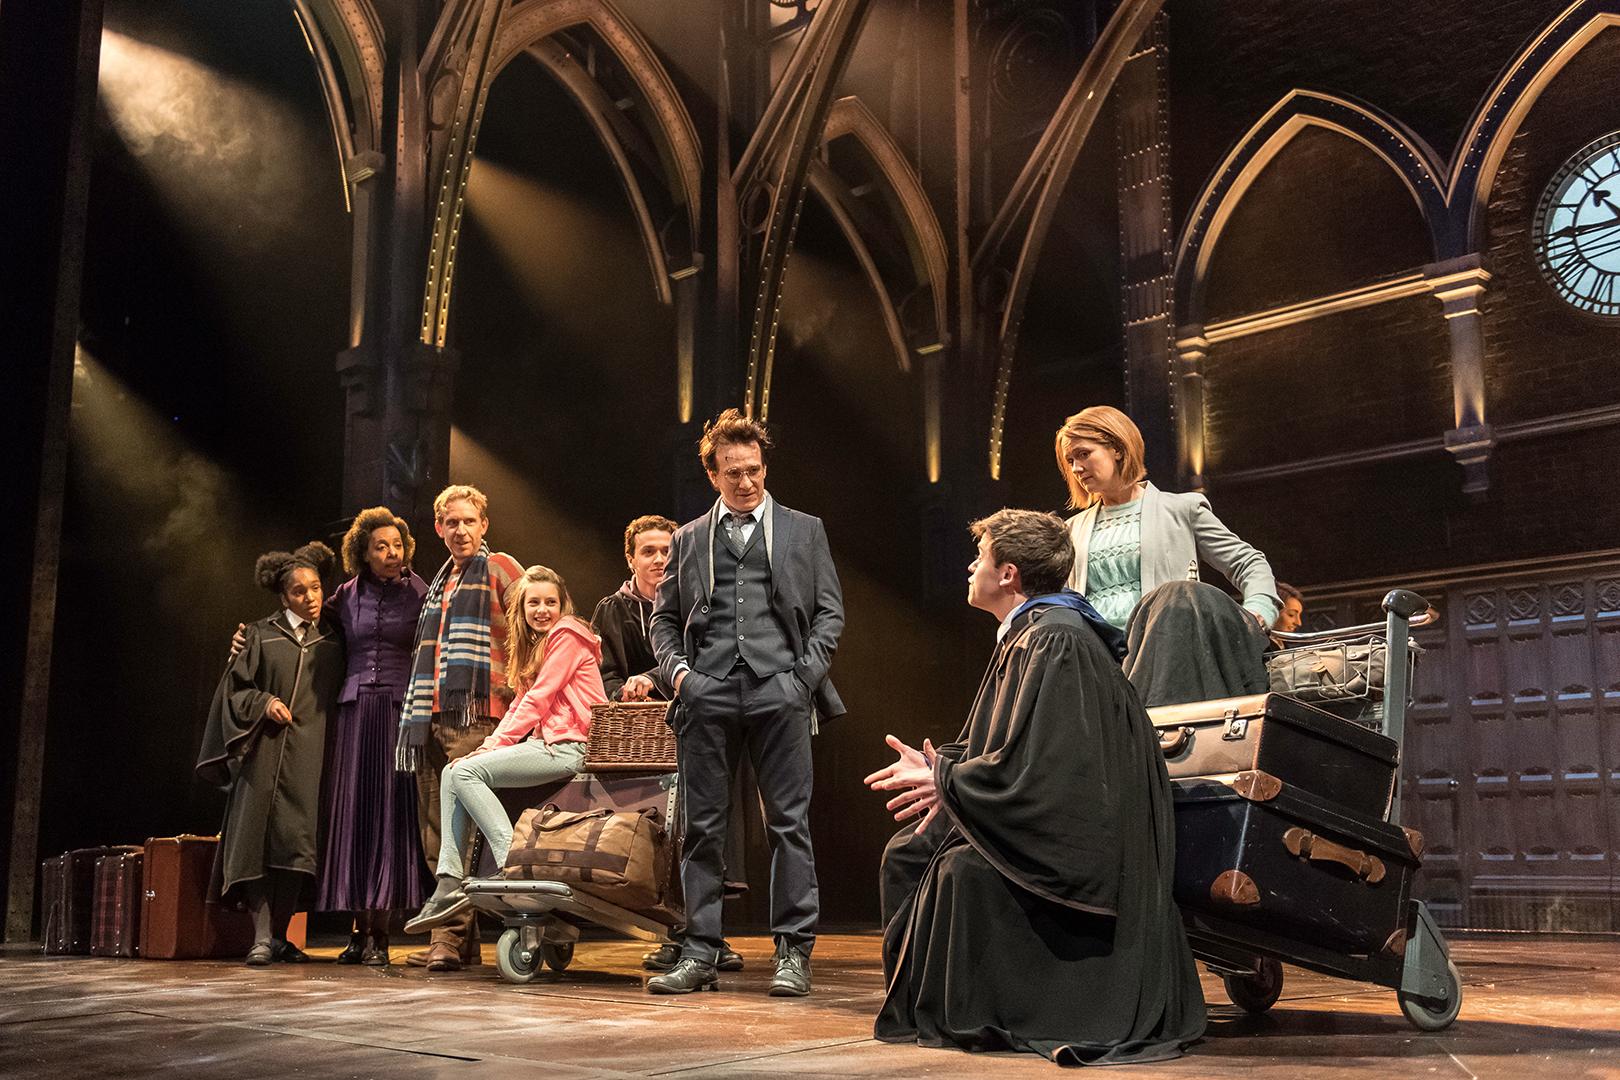 Famílias Granger-Weasley e Potter na estação em King's Cross